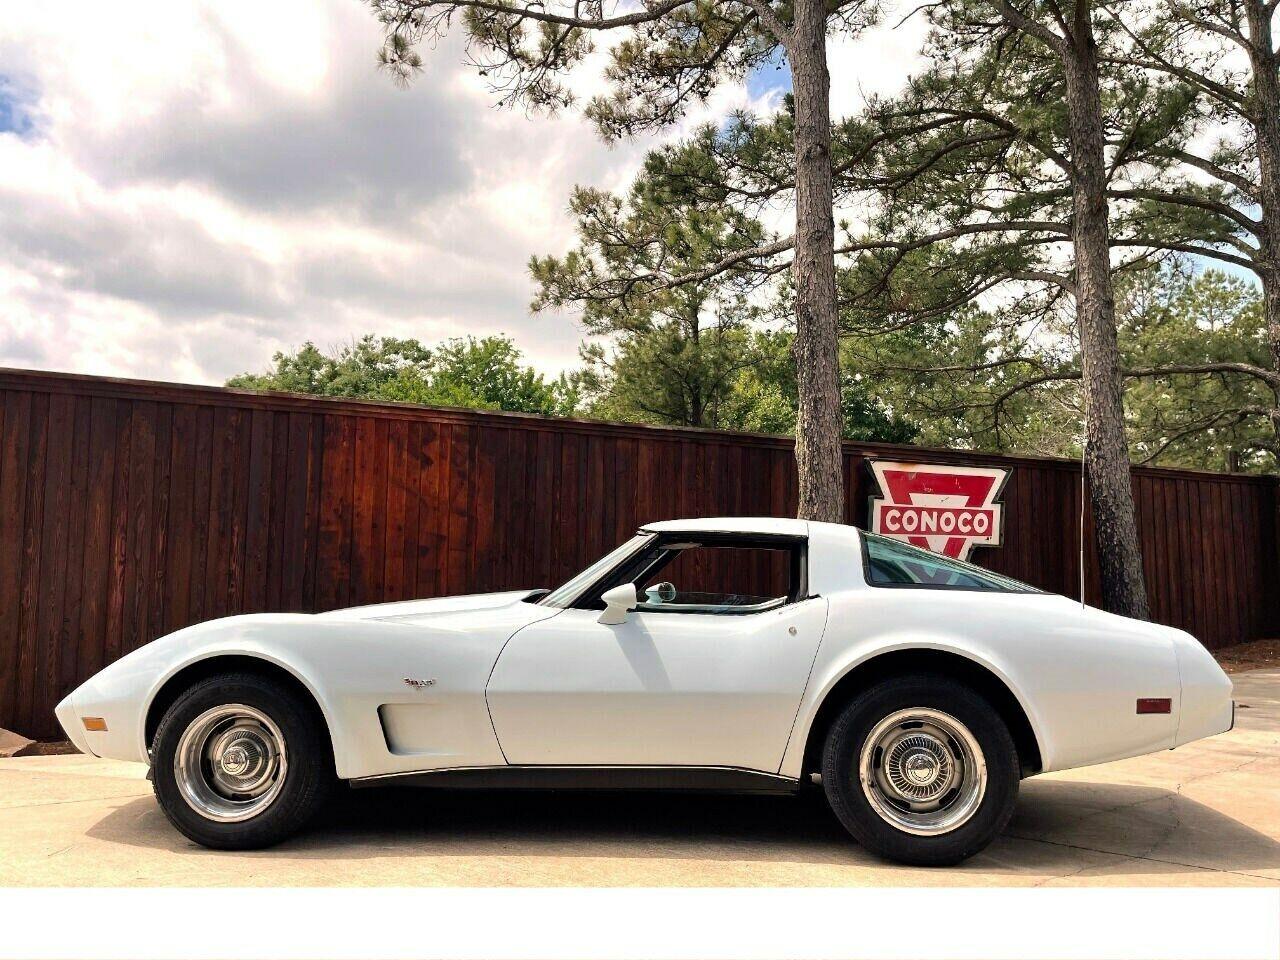 1979 White Chevrolet Corvette     C3 Corvette Photo 1